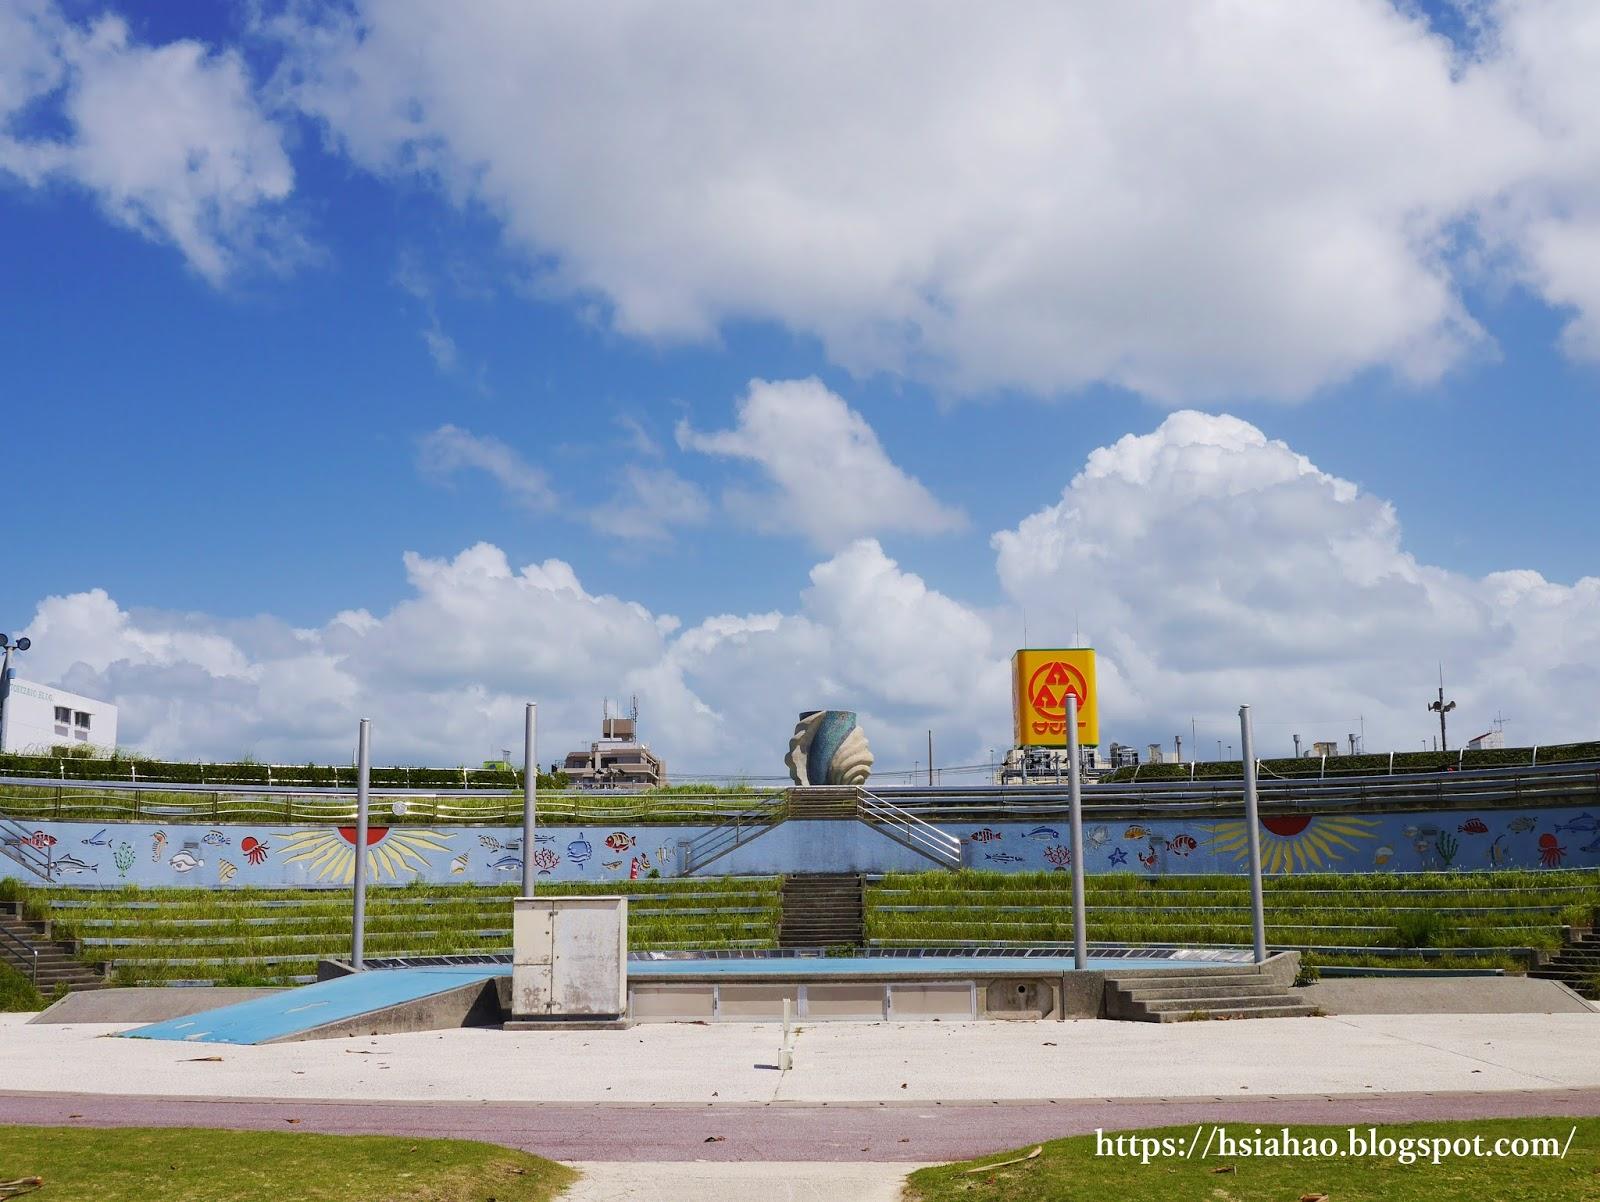 沖繩-美國村景點-推薦-安良波公園-Araha-Park-自由行-旅遊-Okinawa